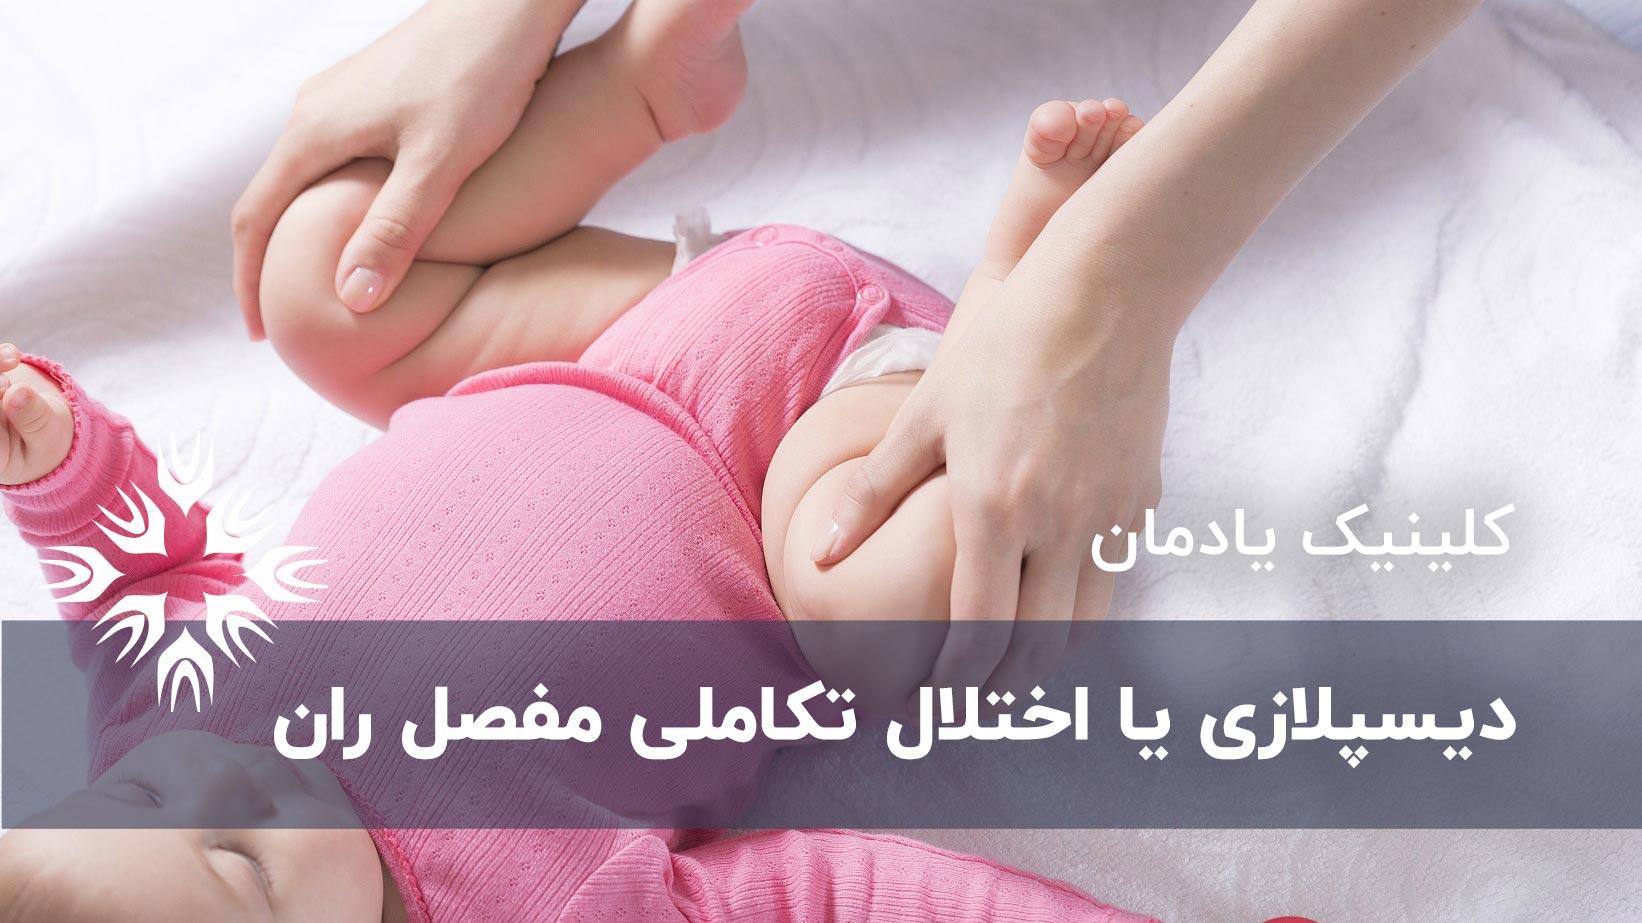 دیسپلازی یا اختلال تکاملی مفصل ران